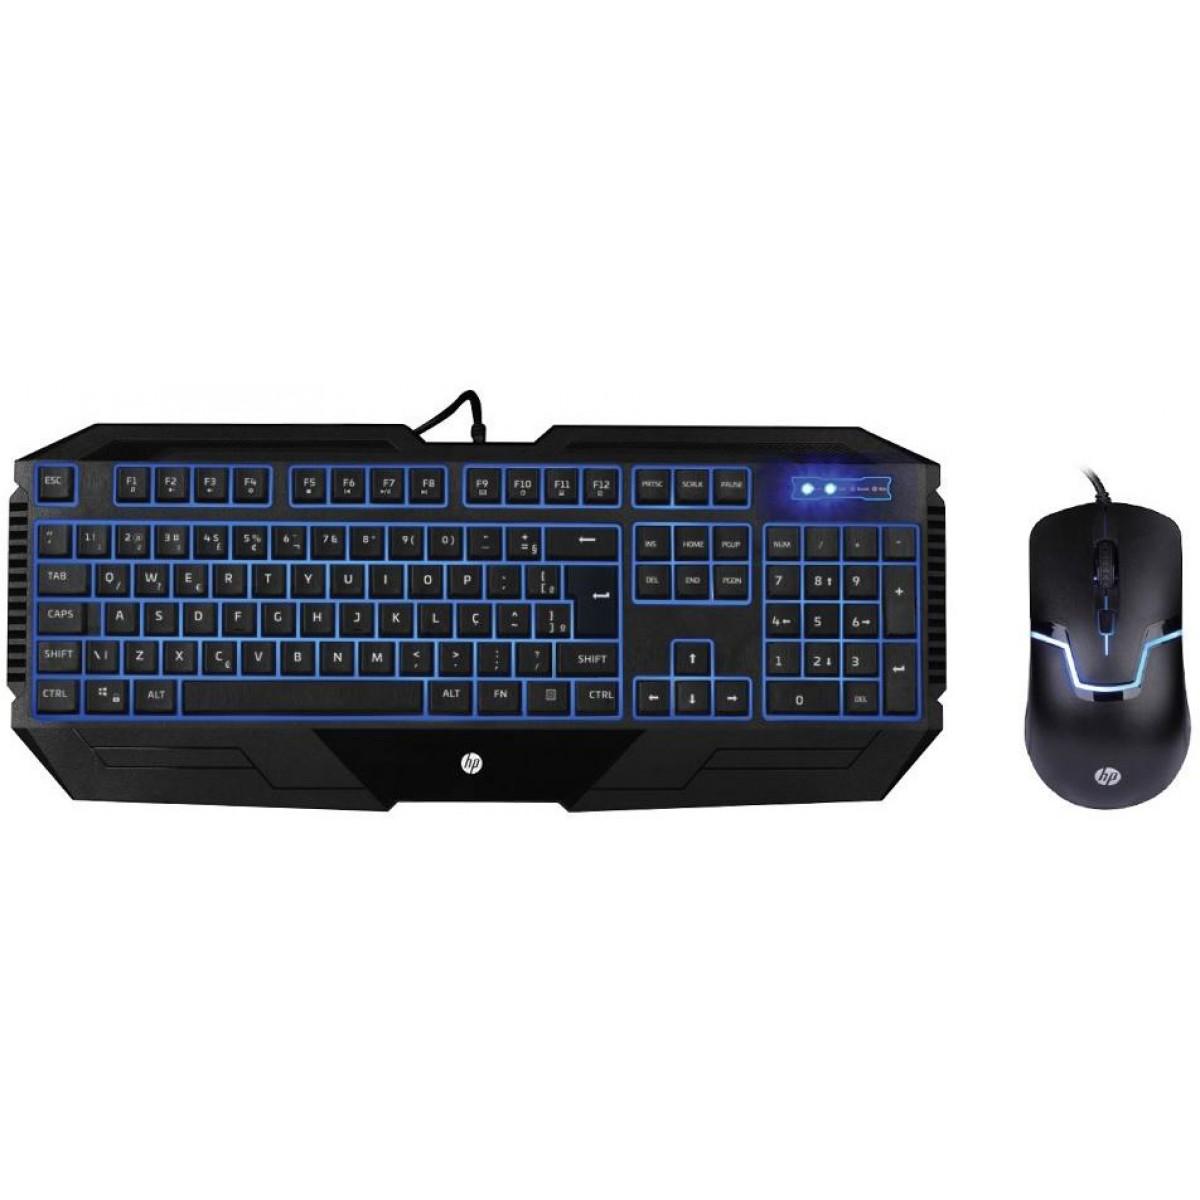 Combo Teclado e Mouse HP GK1100, Led Blue, 1600 DPI, Black